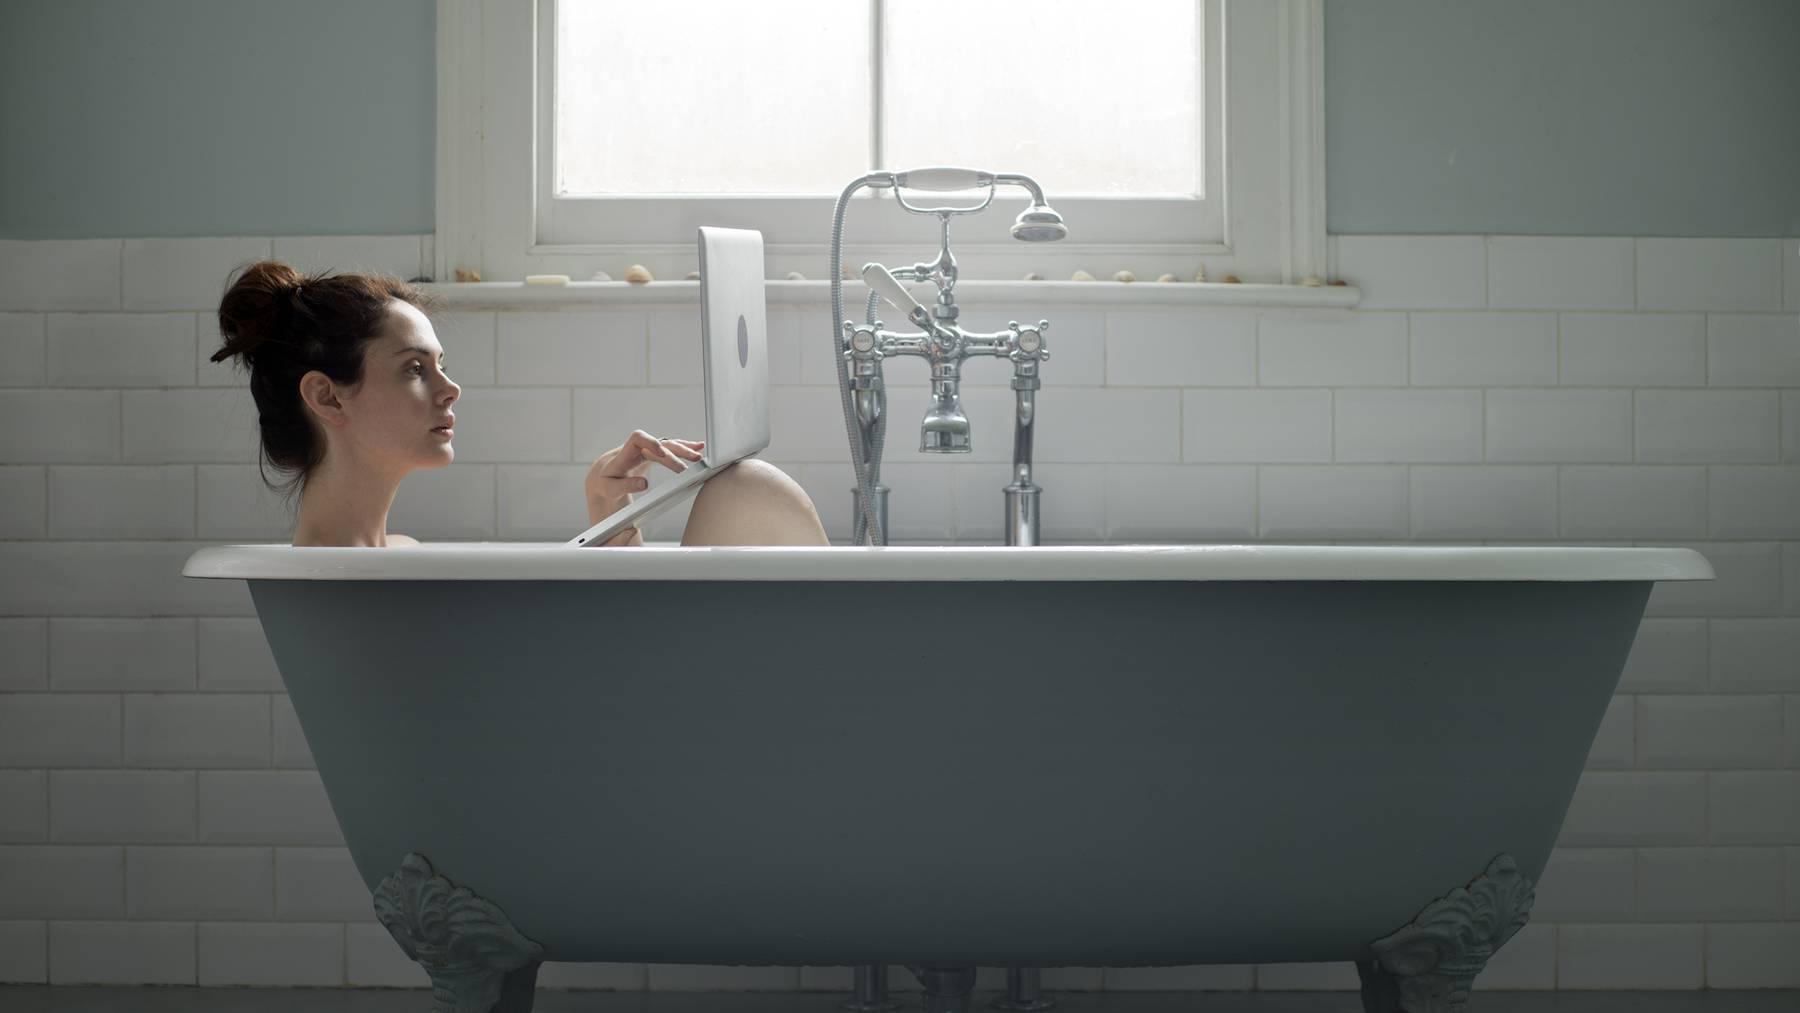 Völlig falsch: Wenn man während der Arbeitszeit badet, sollte man den Laptop nicht dabei haben.